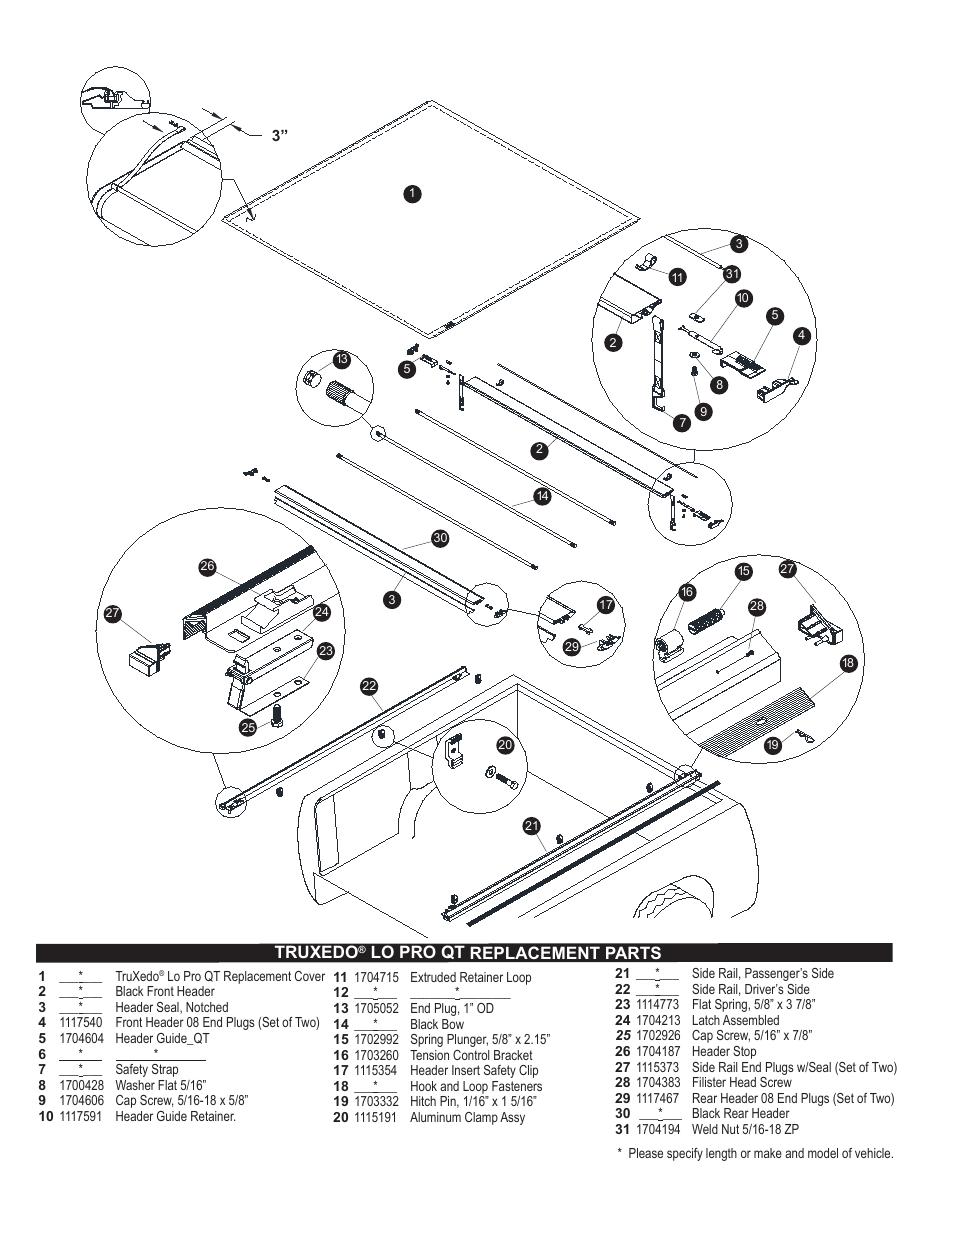 Truxedo Lo Pro Qt >> Truxedo, Lo pro qt replacement parts | TruXedo Lo Pro QT User Manual | Page 4 / 4